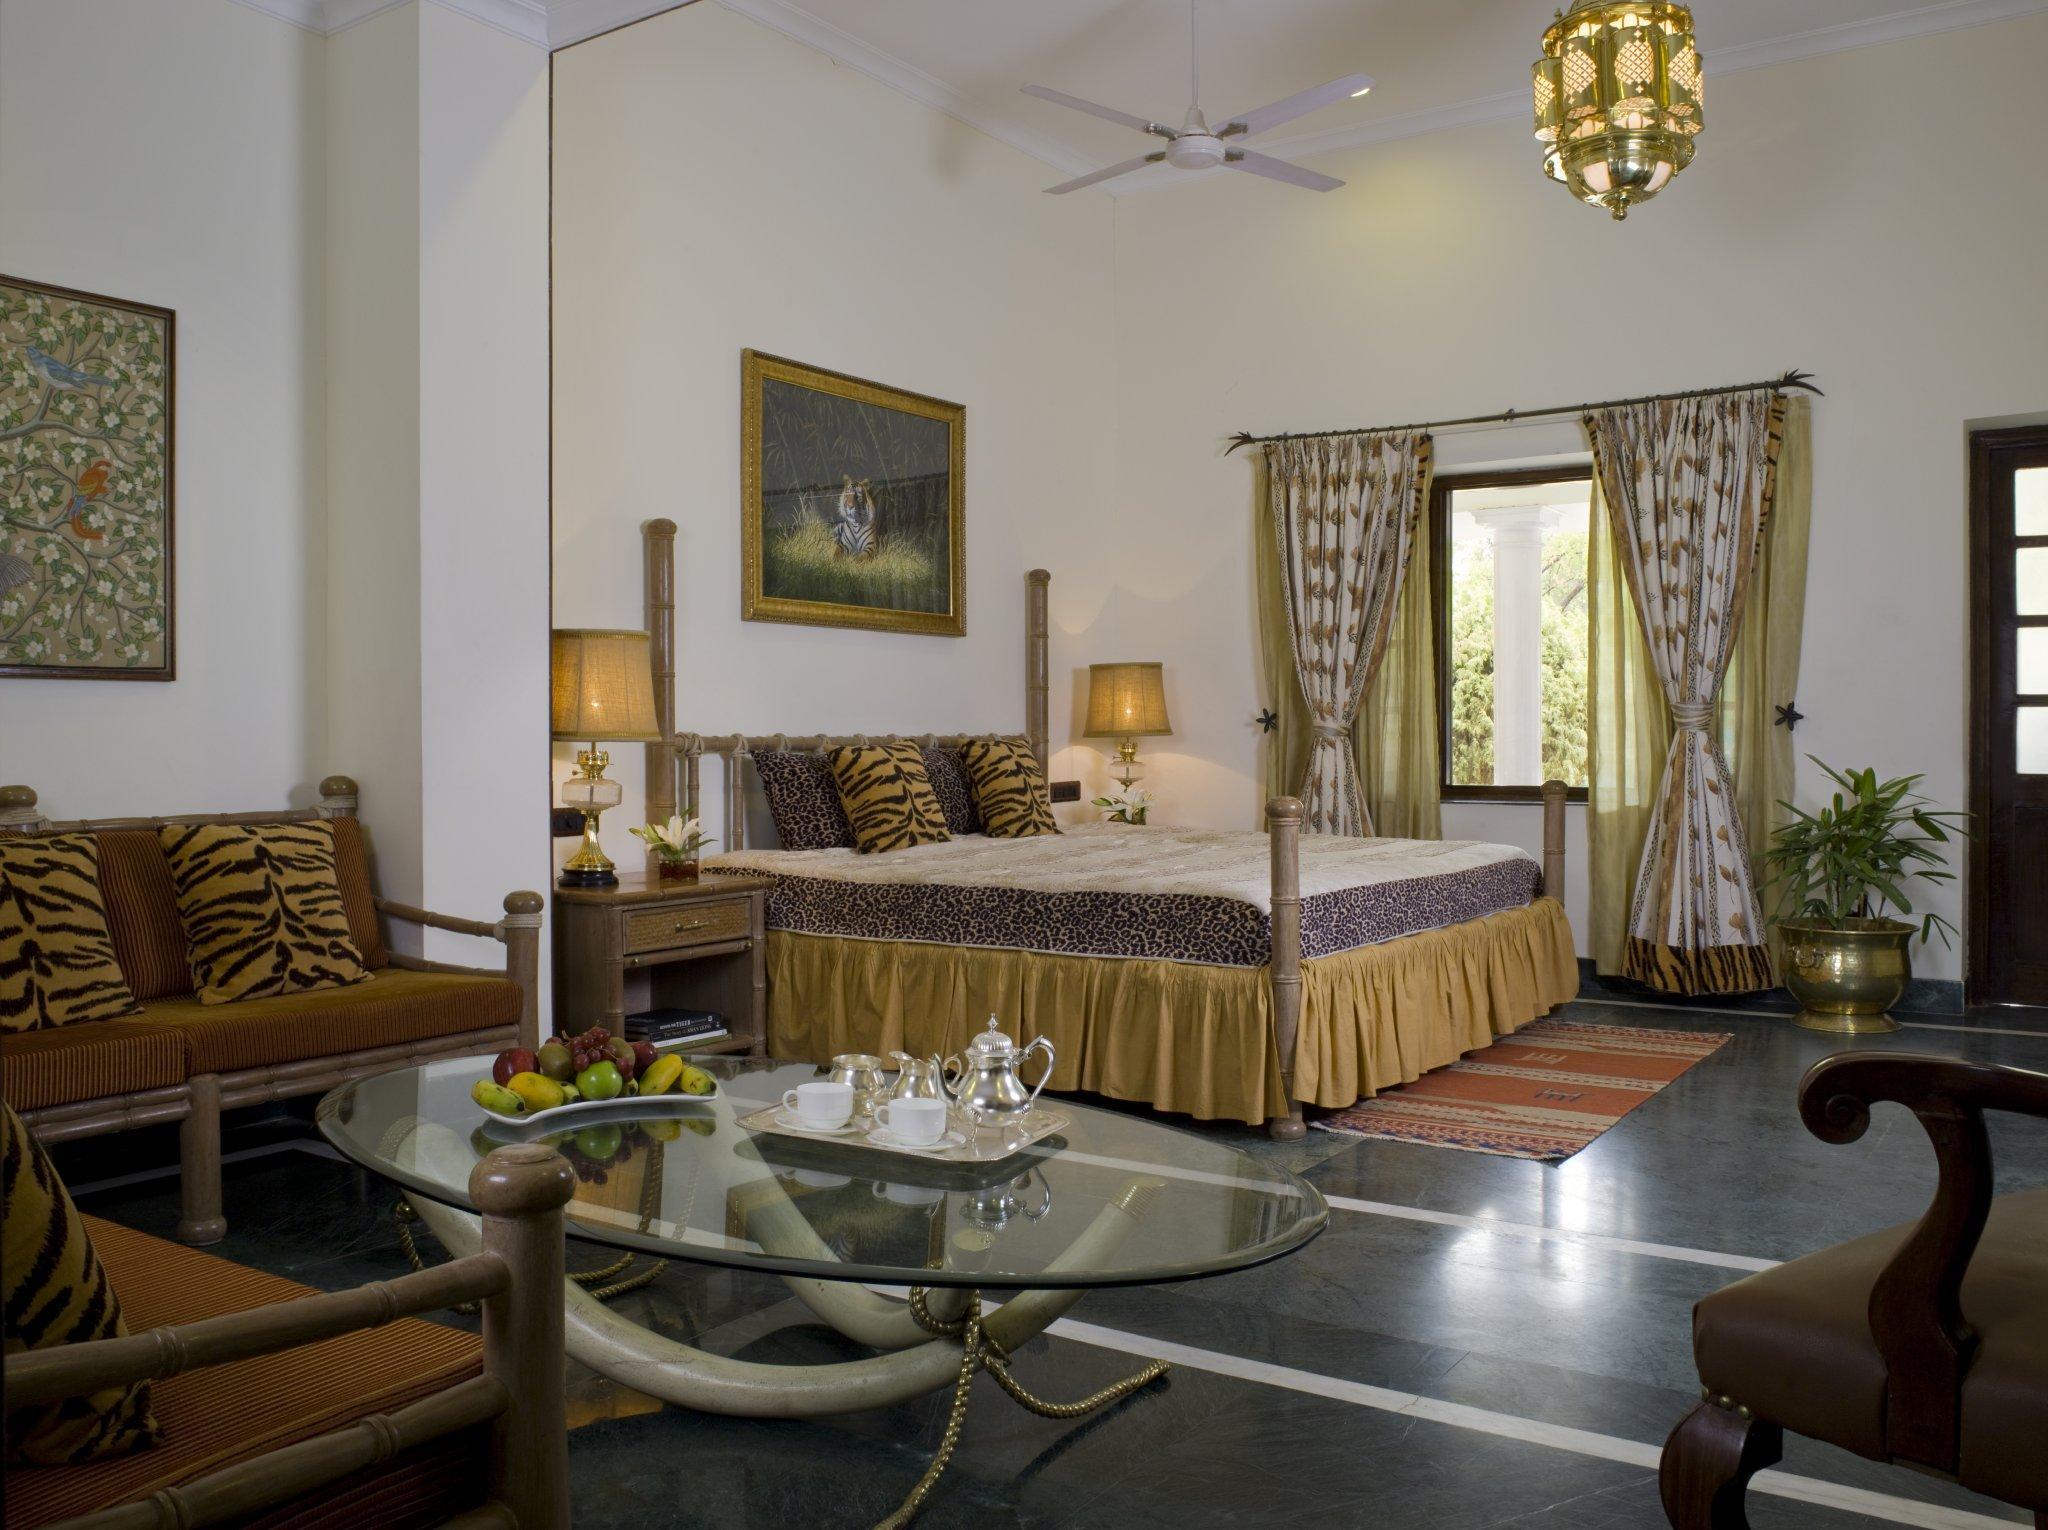 Vivanta by Taj - Sawai Madhopur Lodge